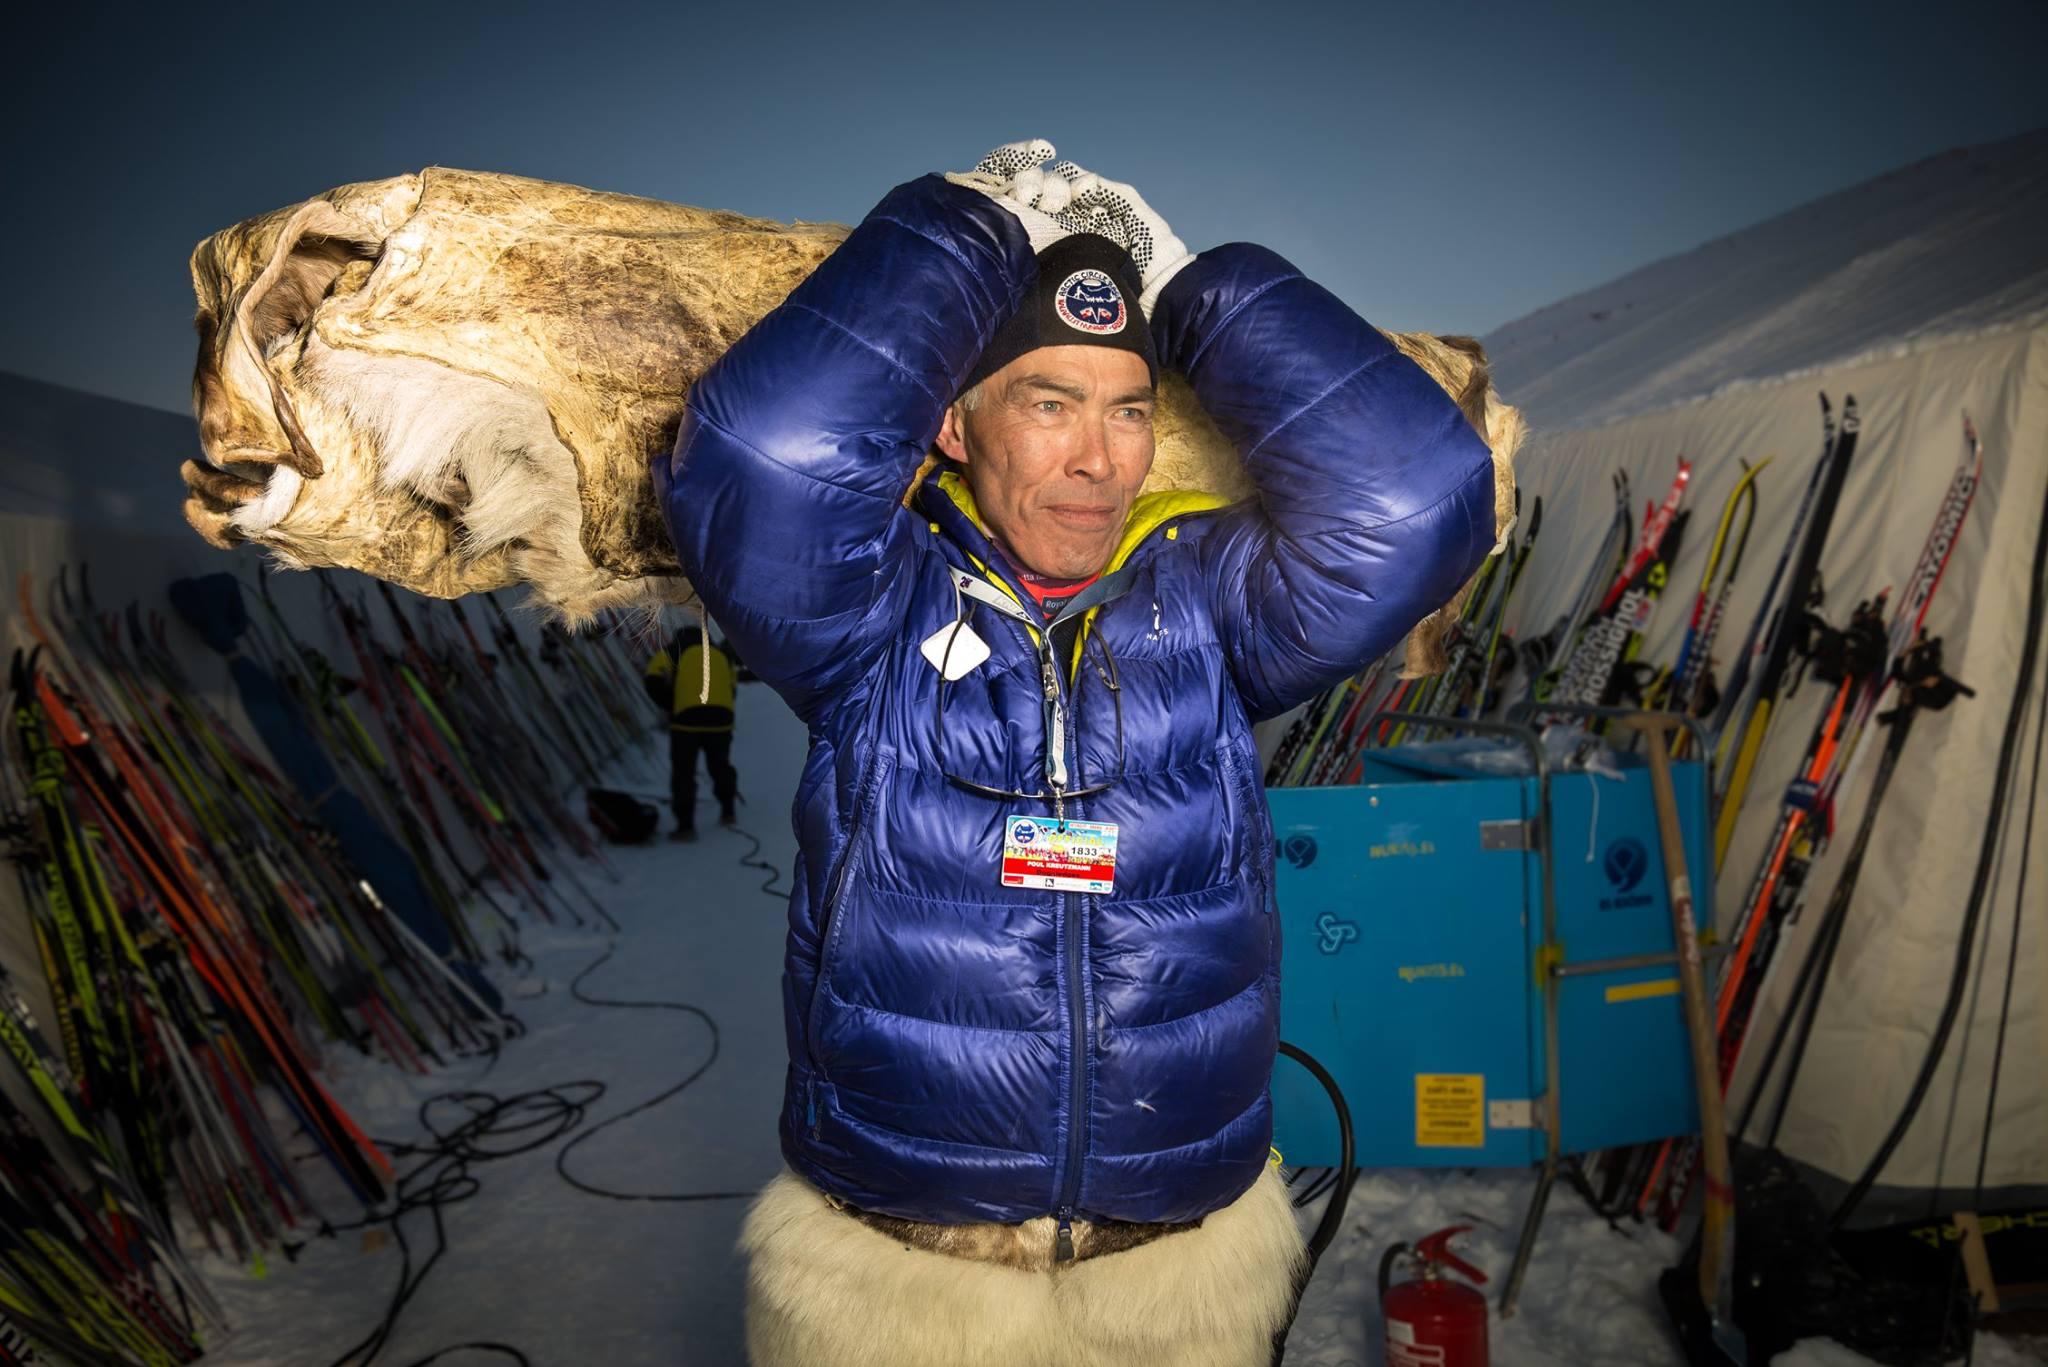 Liggeunderlag Arctic circle Race